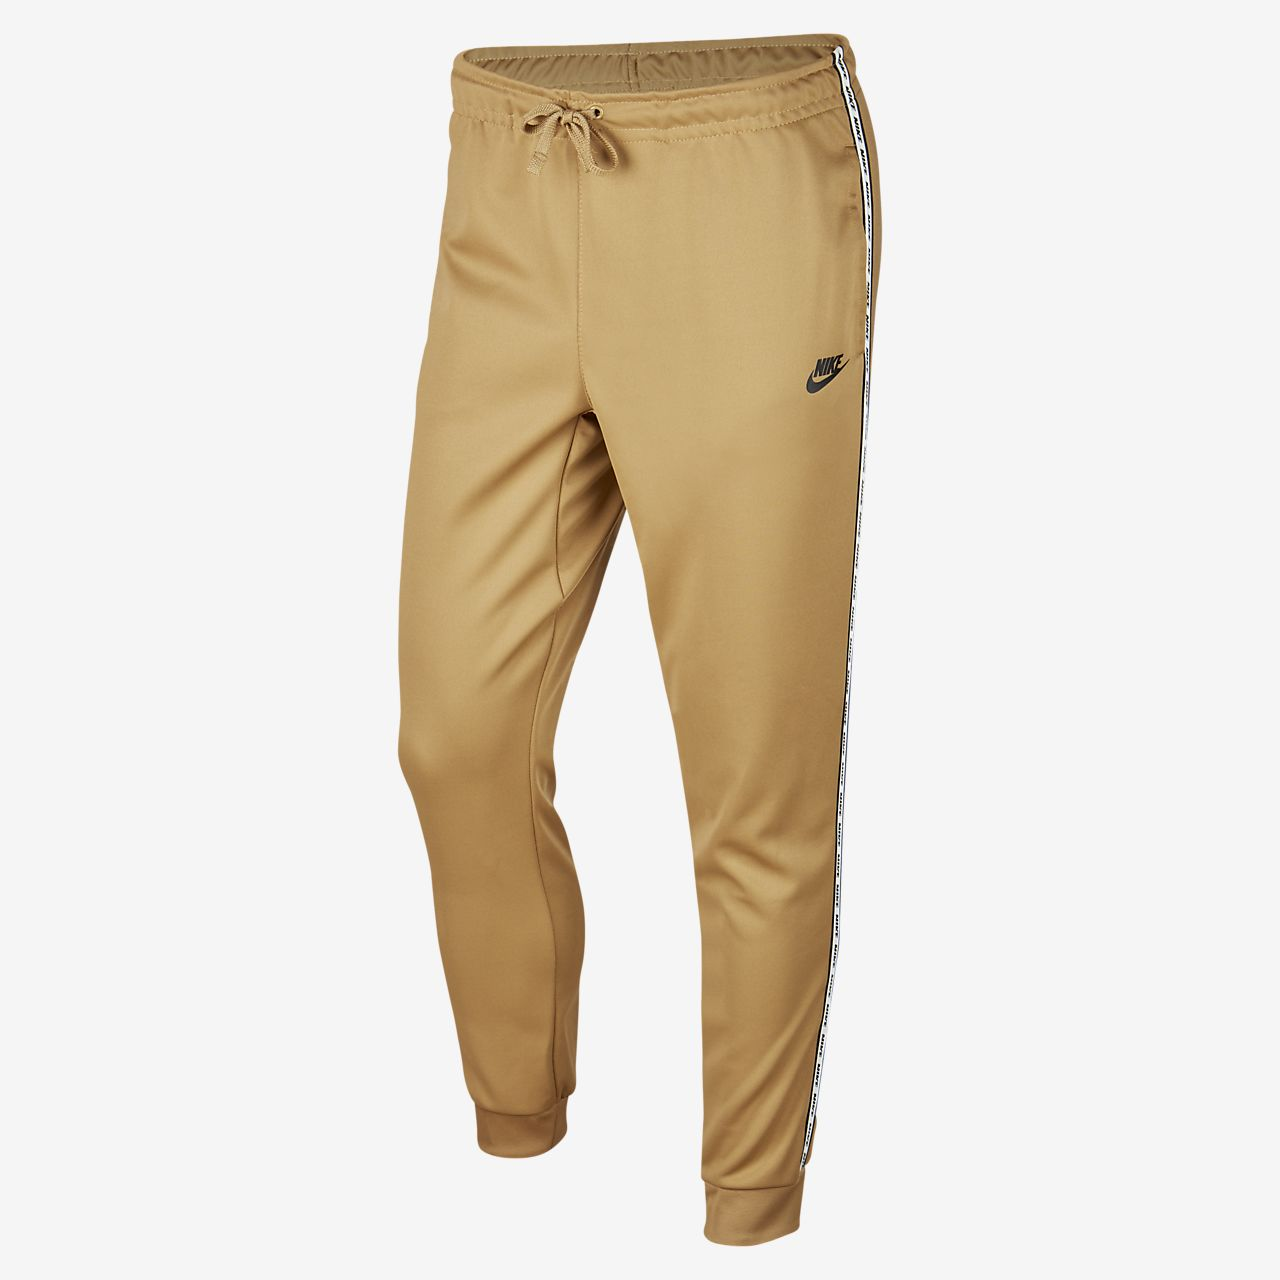 Fleecebyxor Nike Sportswear för män